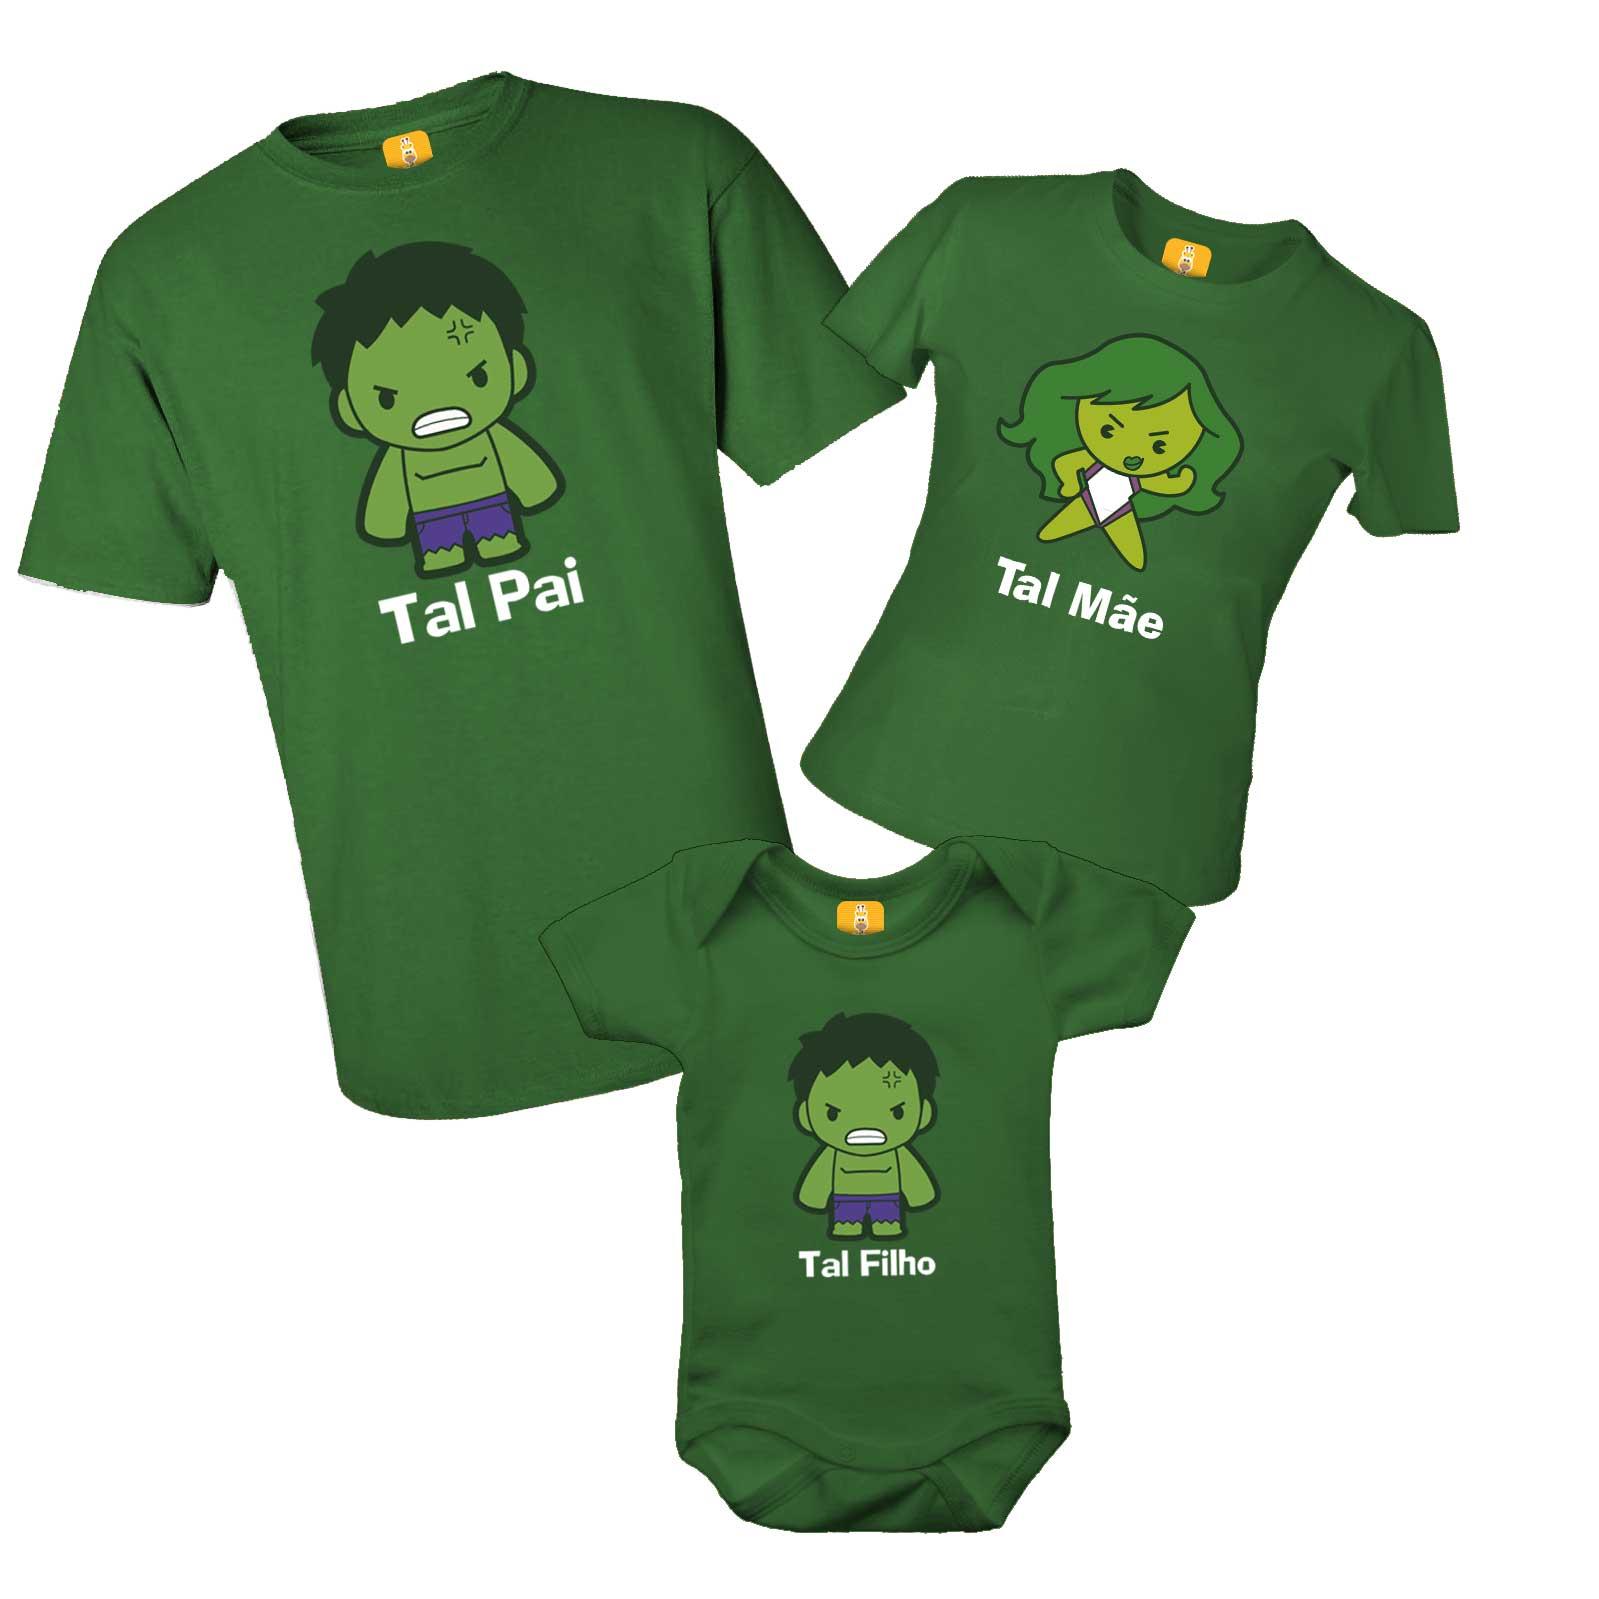 Kit camiseta família do Hulk com 3 peças